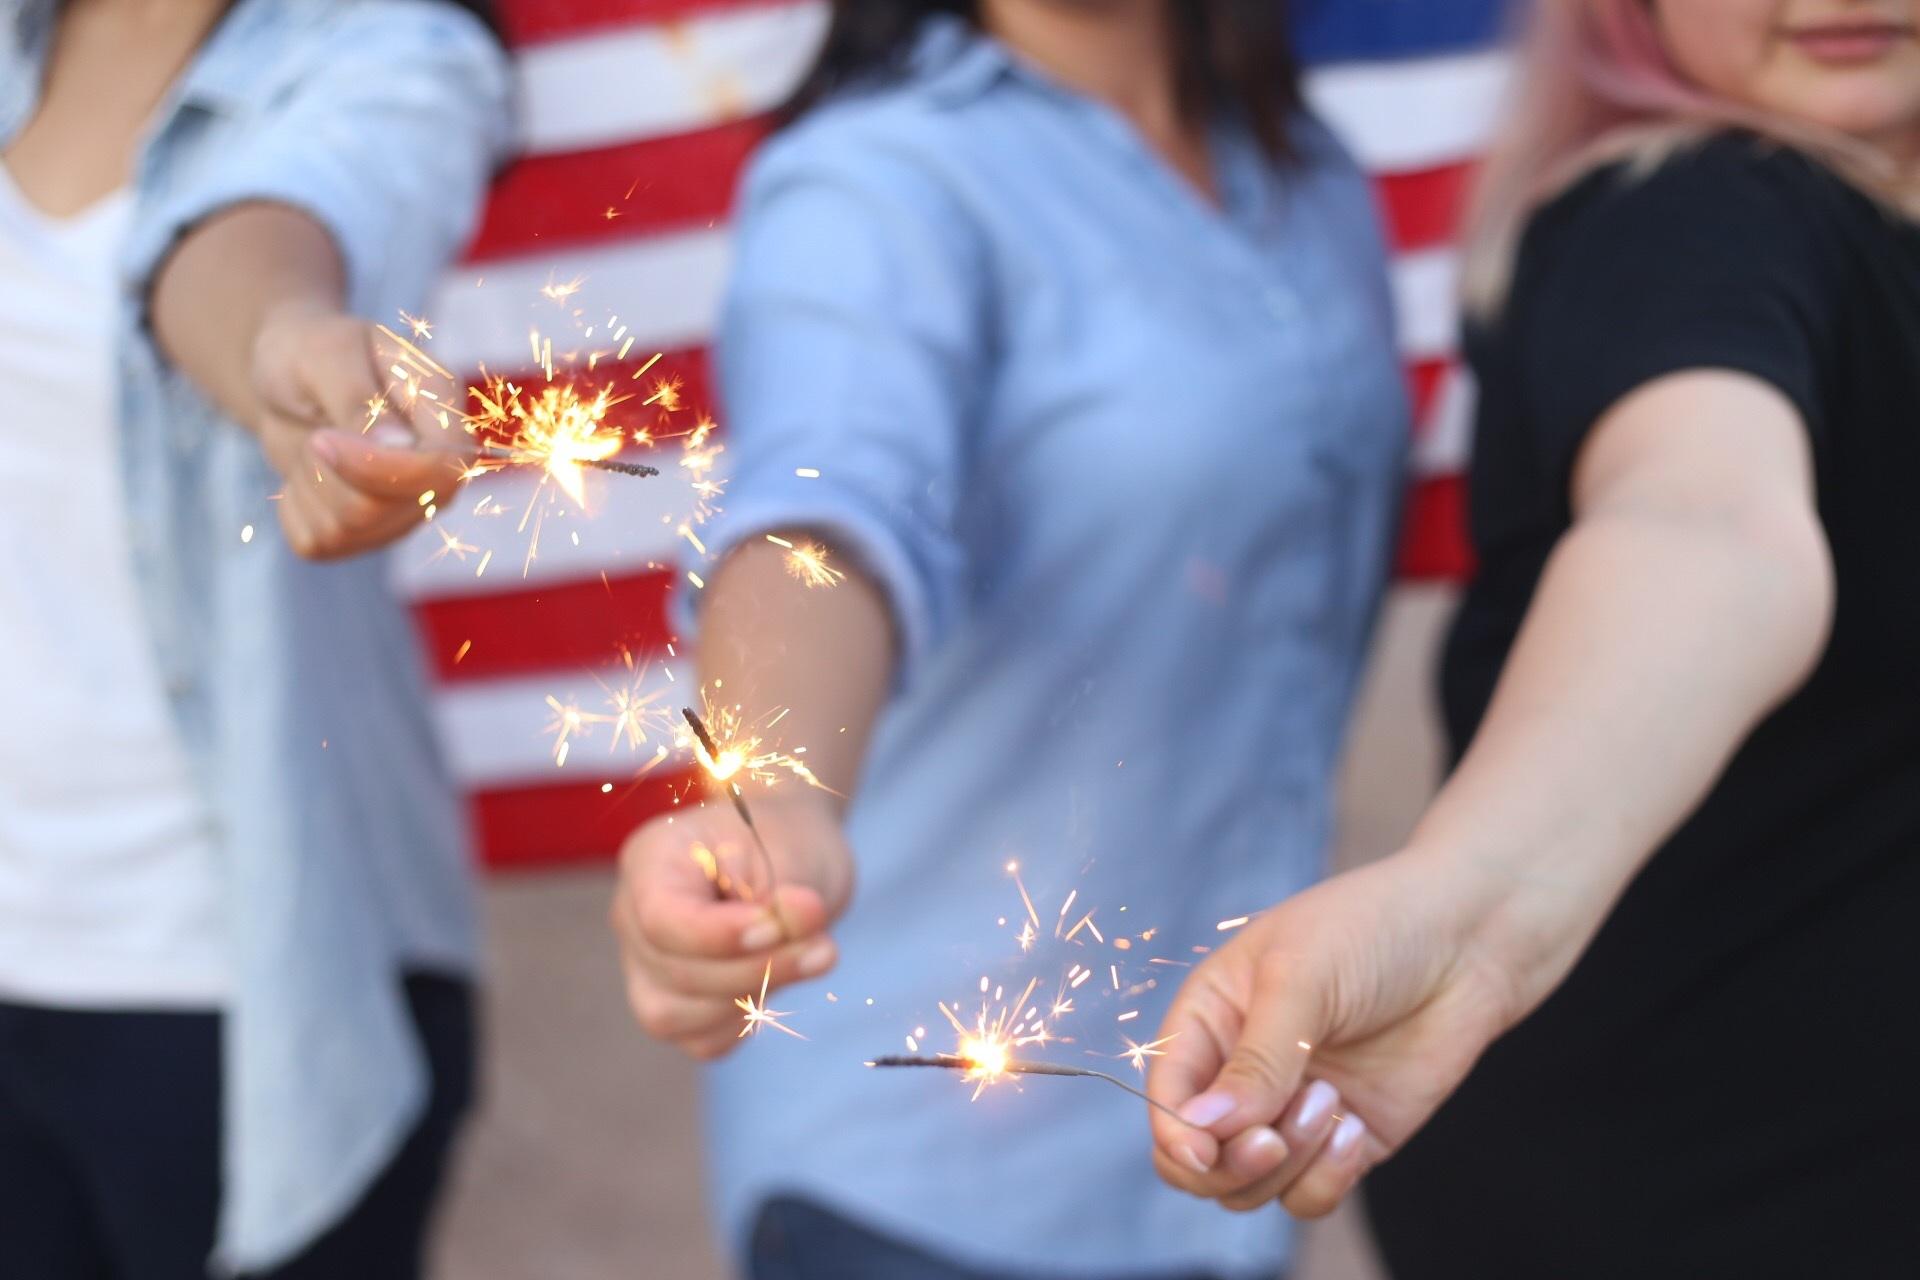 dlaczego się objadamy, objadamy, objada się, sparklers, burning, fireworks